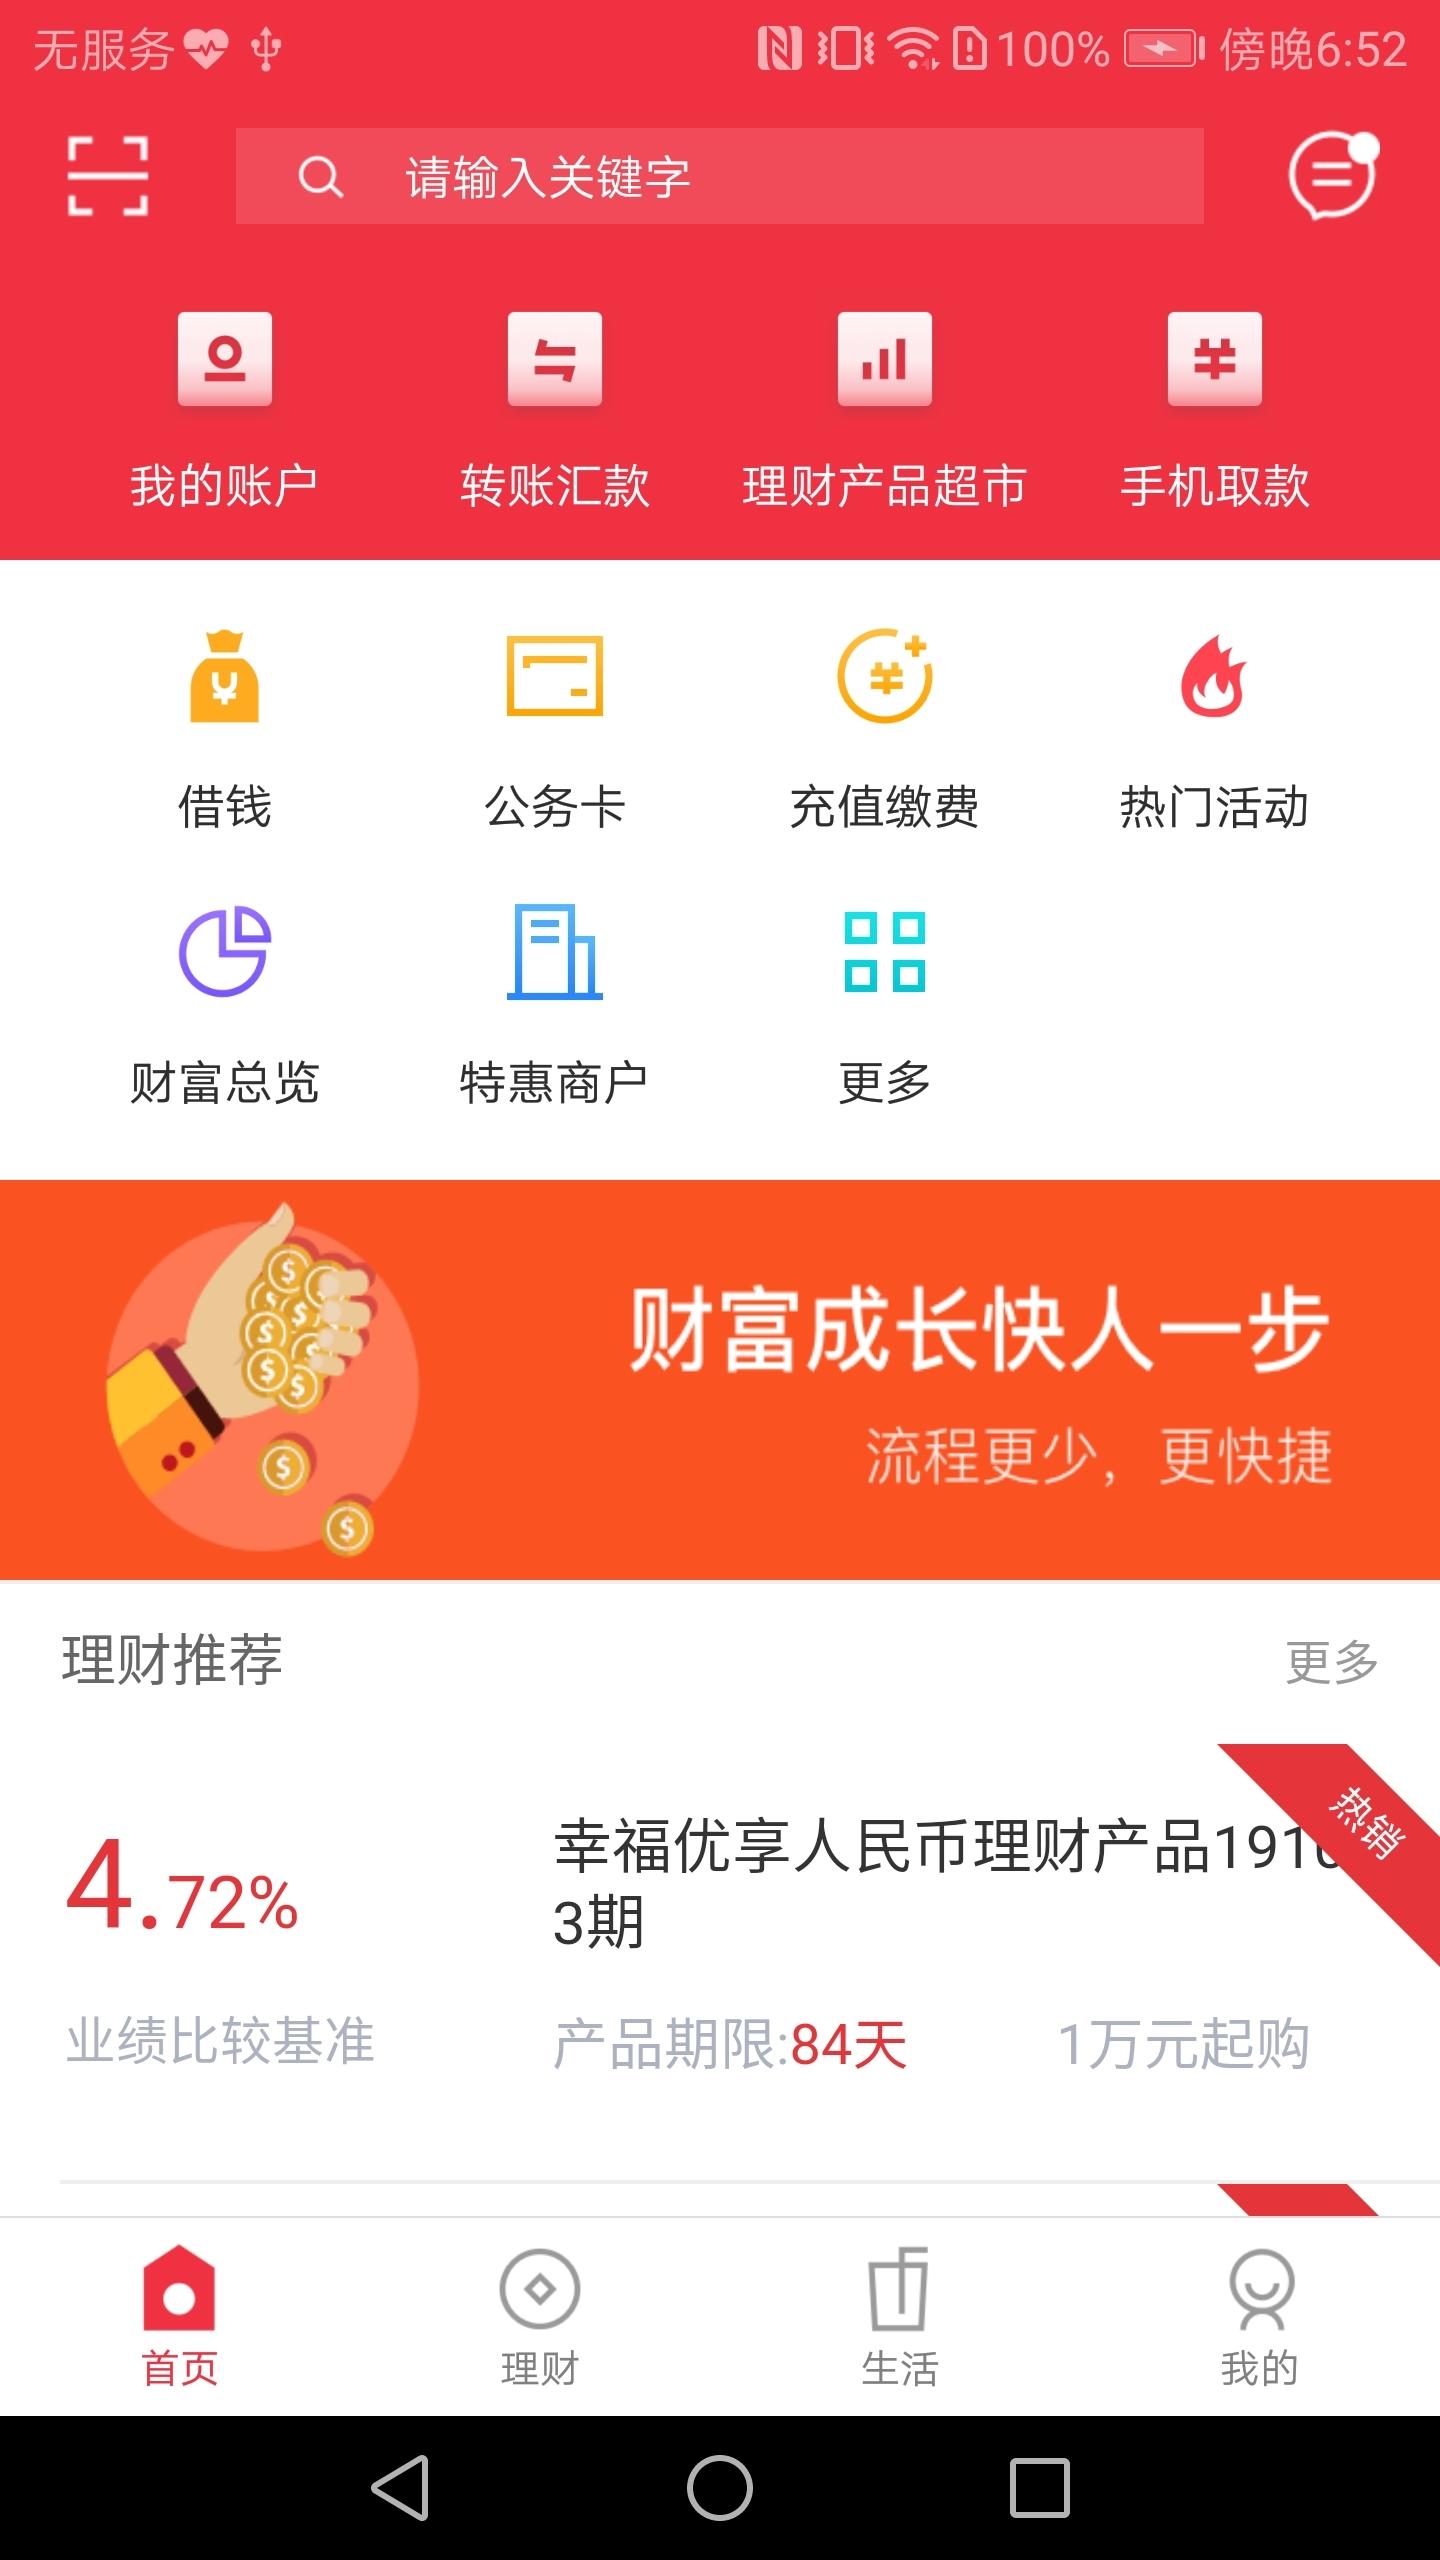 潍坊银行软件截图1